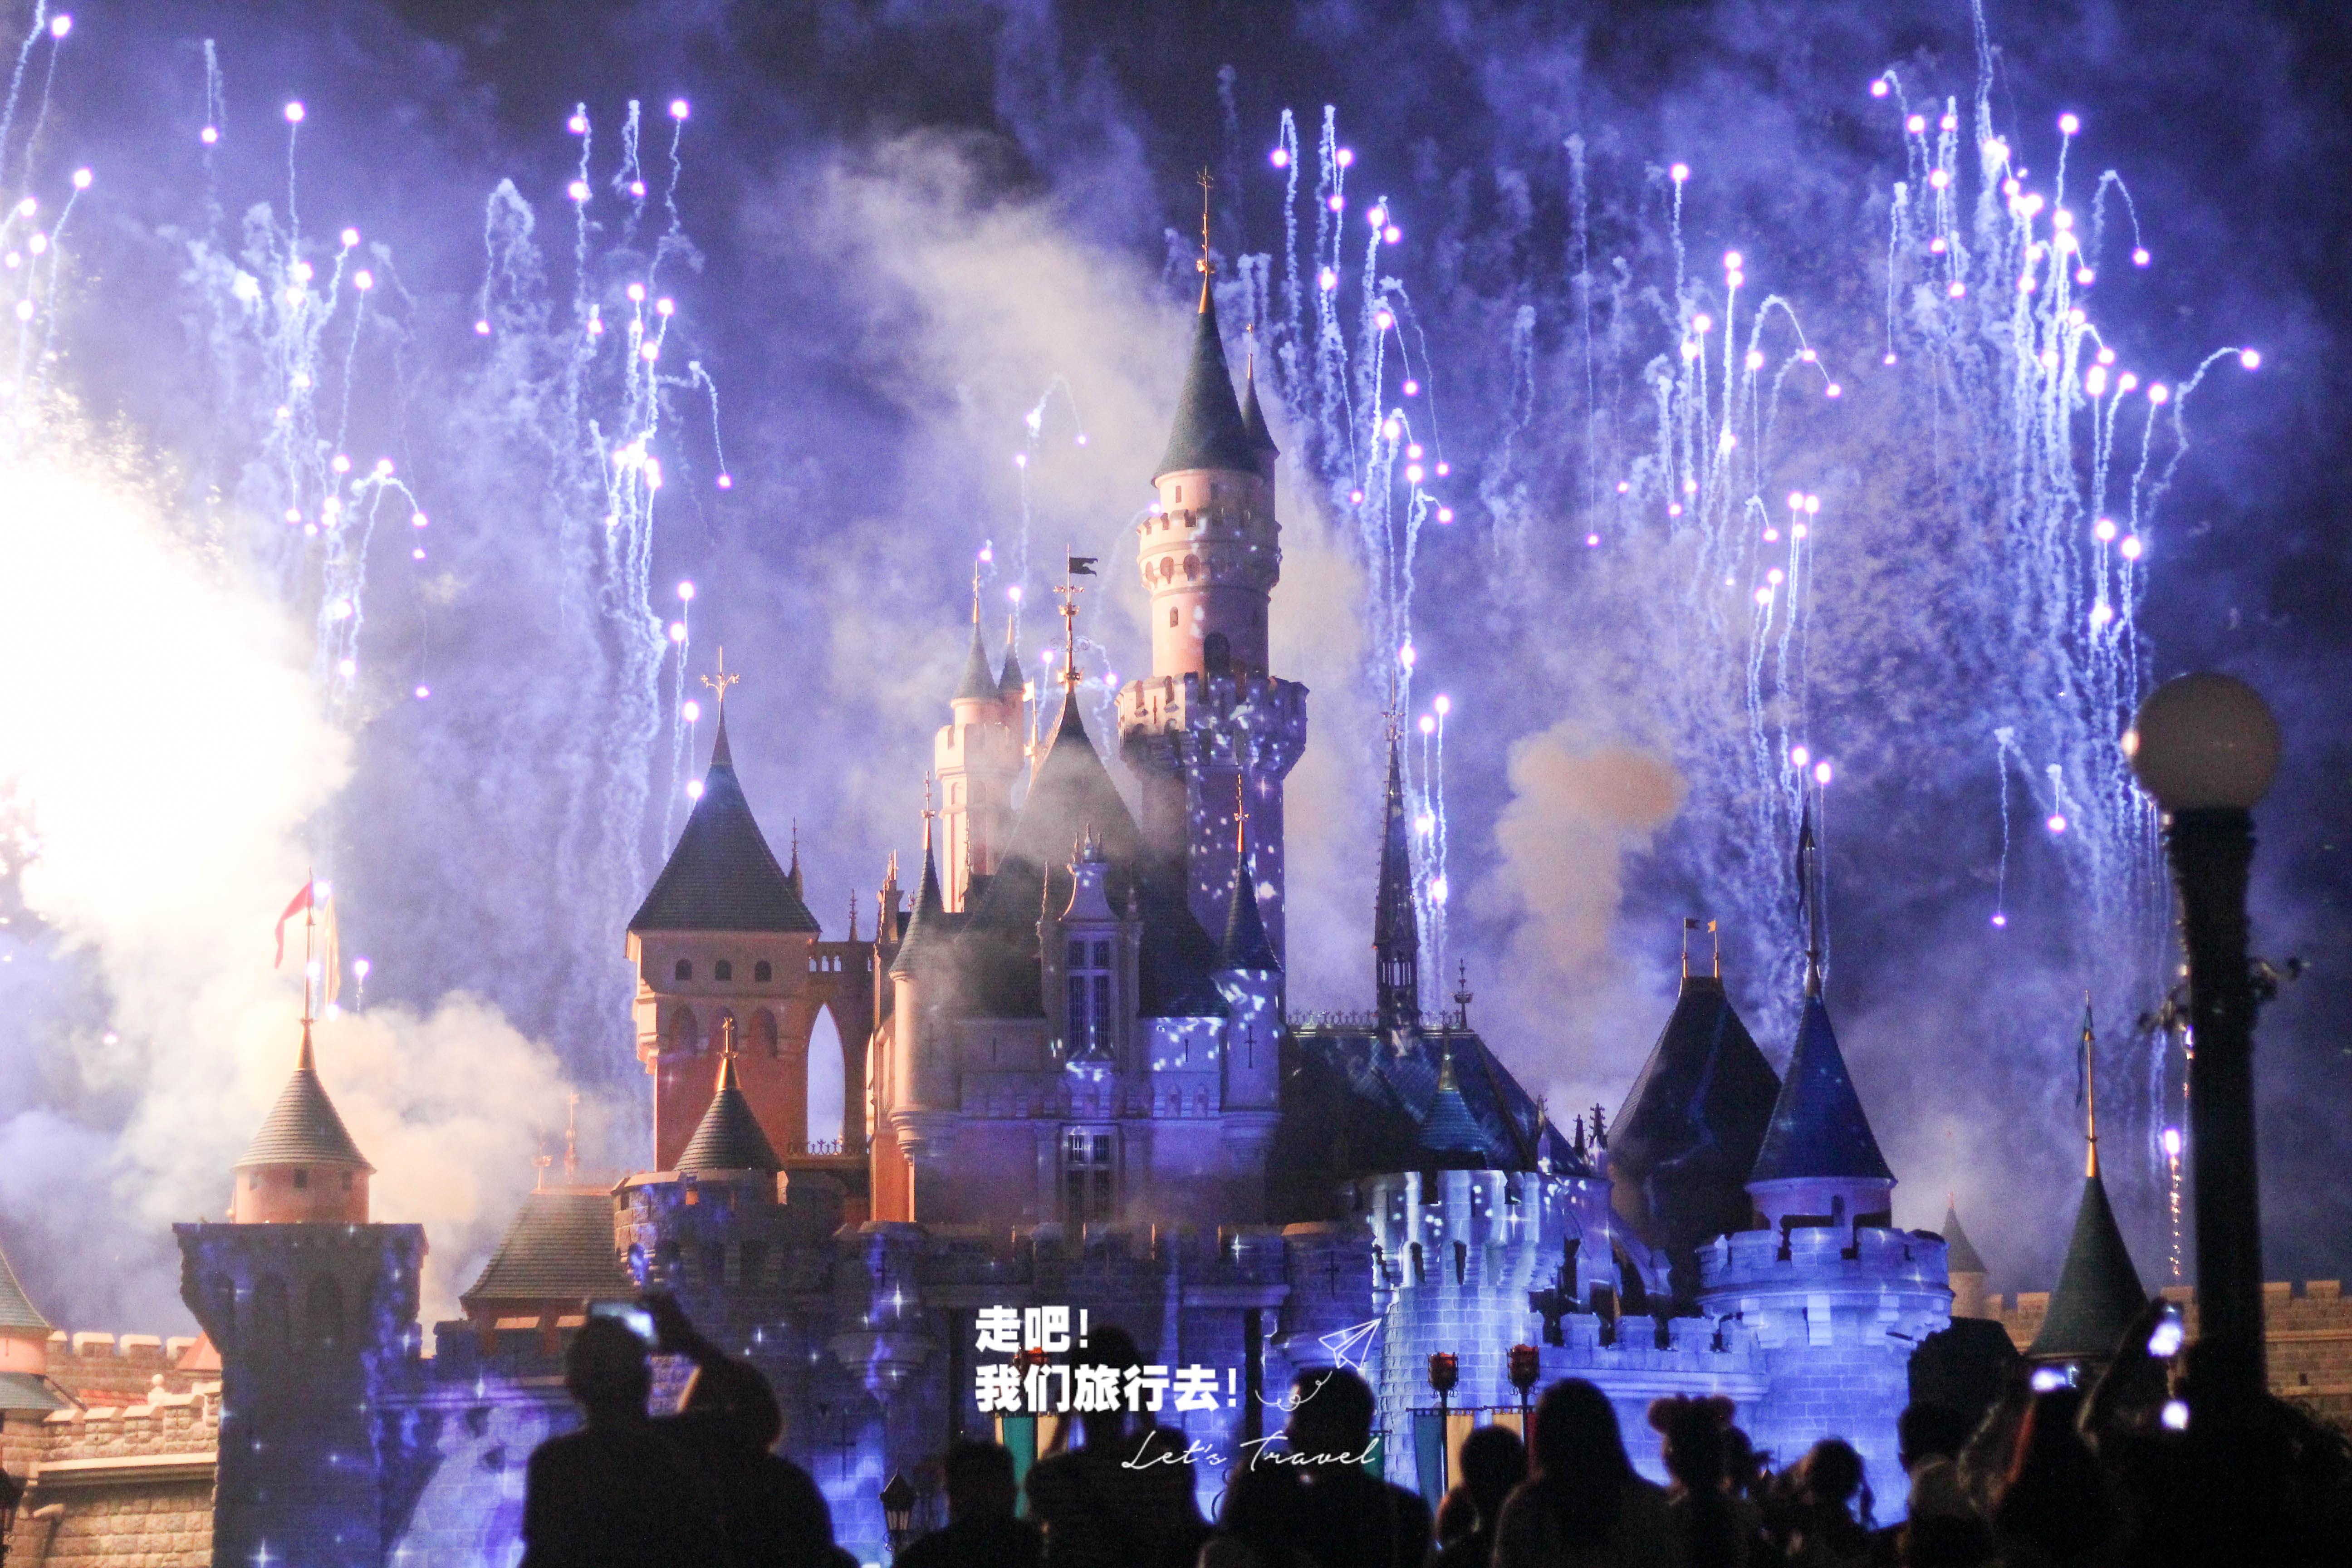 迪士尼乐园表演时间_香港3大最美夜景之地,你到访了吗? | Come On Lets Travel 走吧 ...